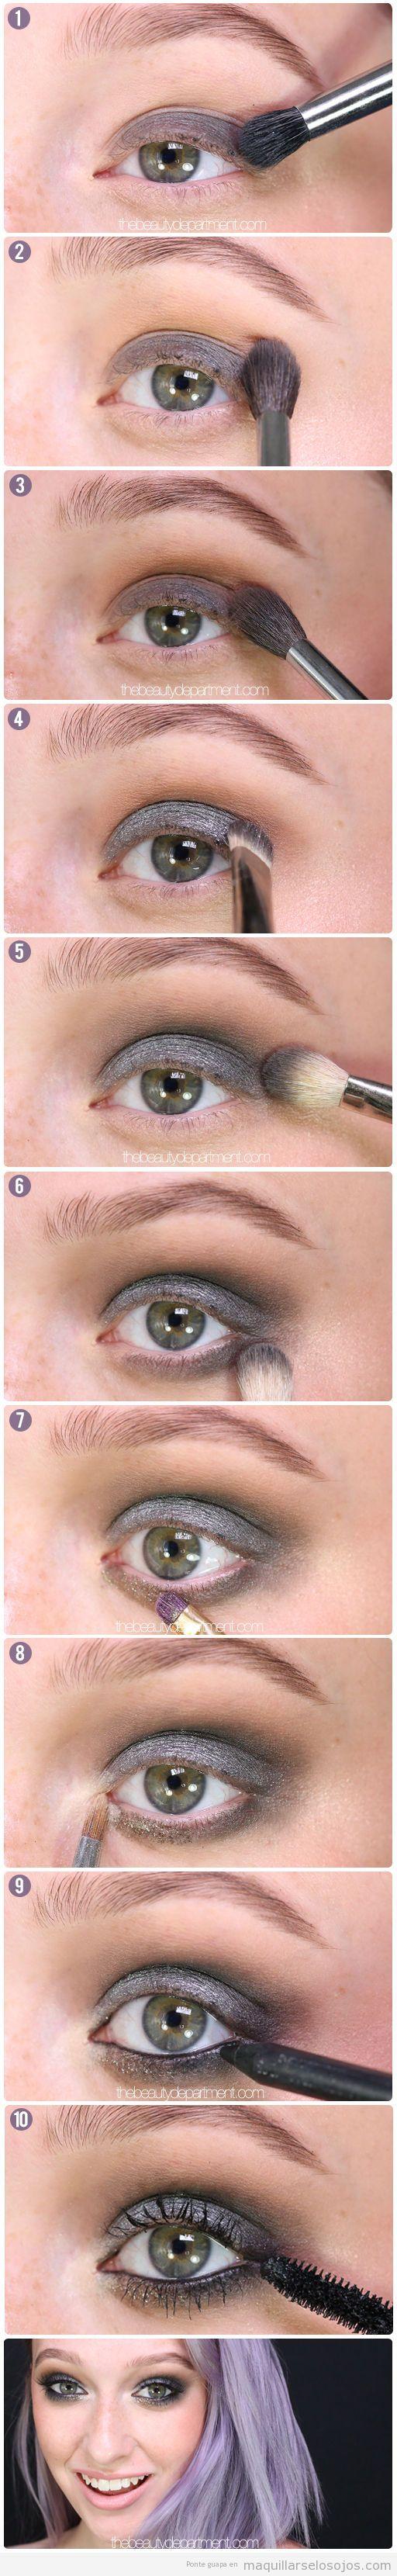 Tutorial maquillaje de ojos otoño en tonos grises ahumados